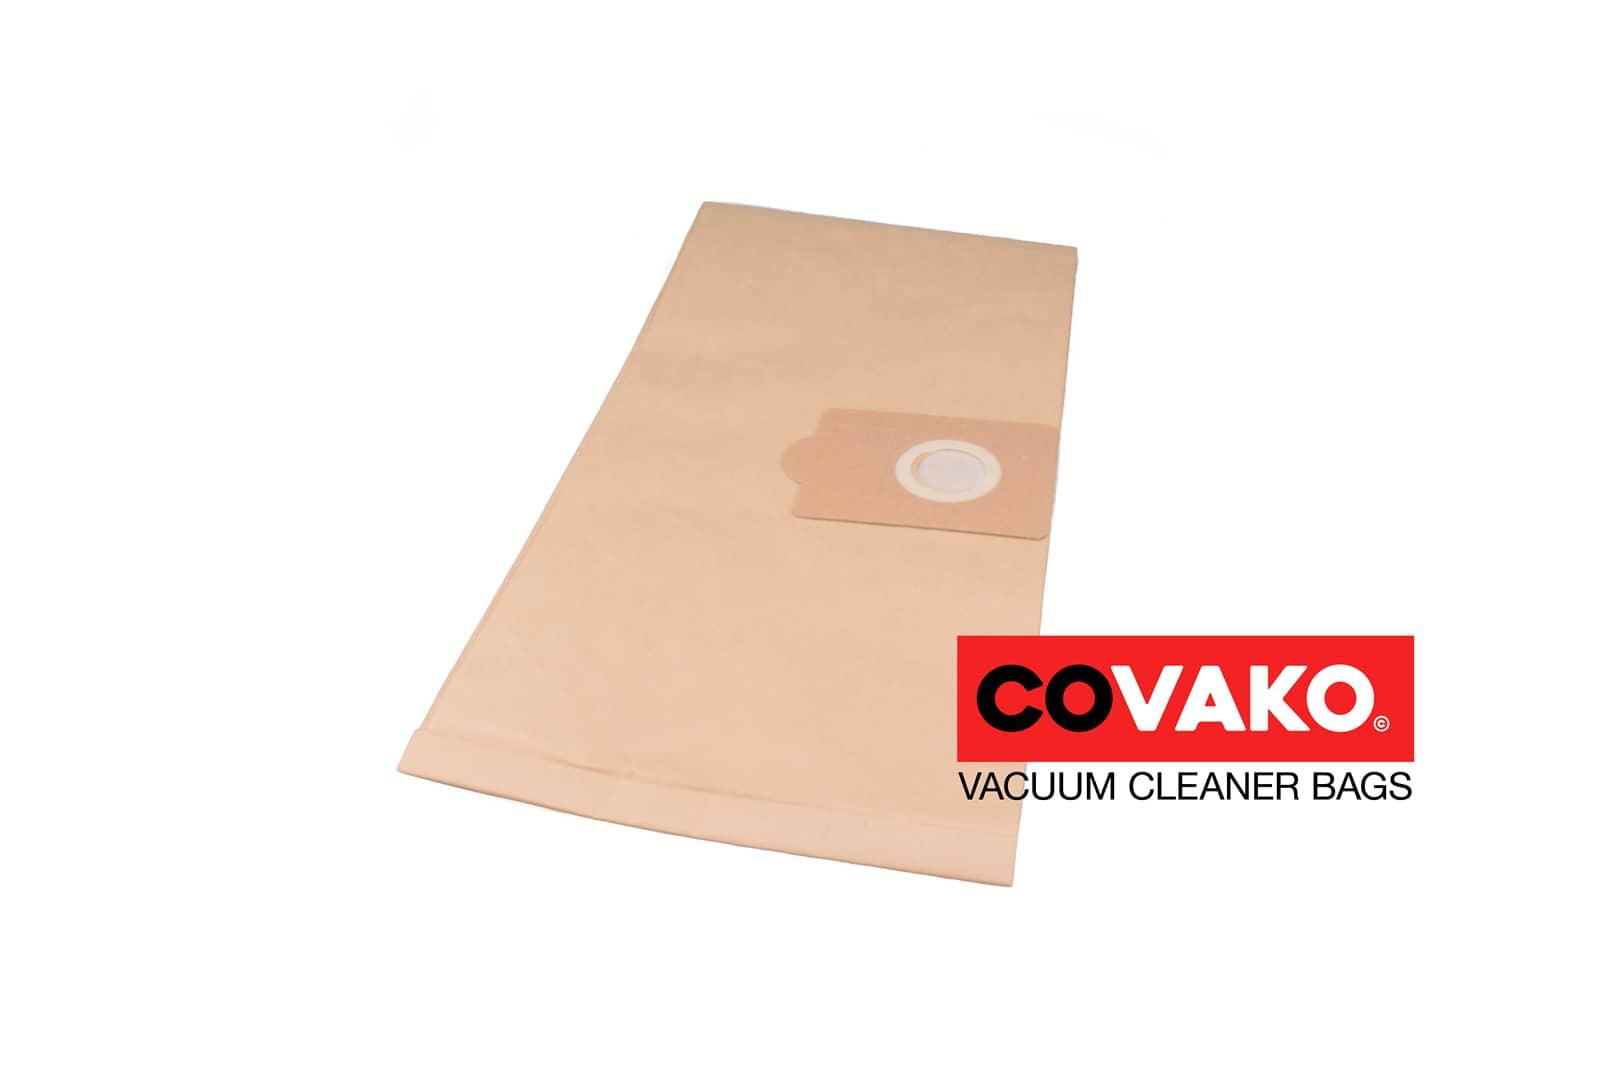 Kenter Silent 25 / Papier - Kenter sacs d'aspirateur